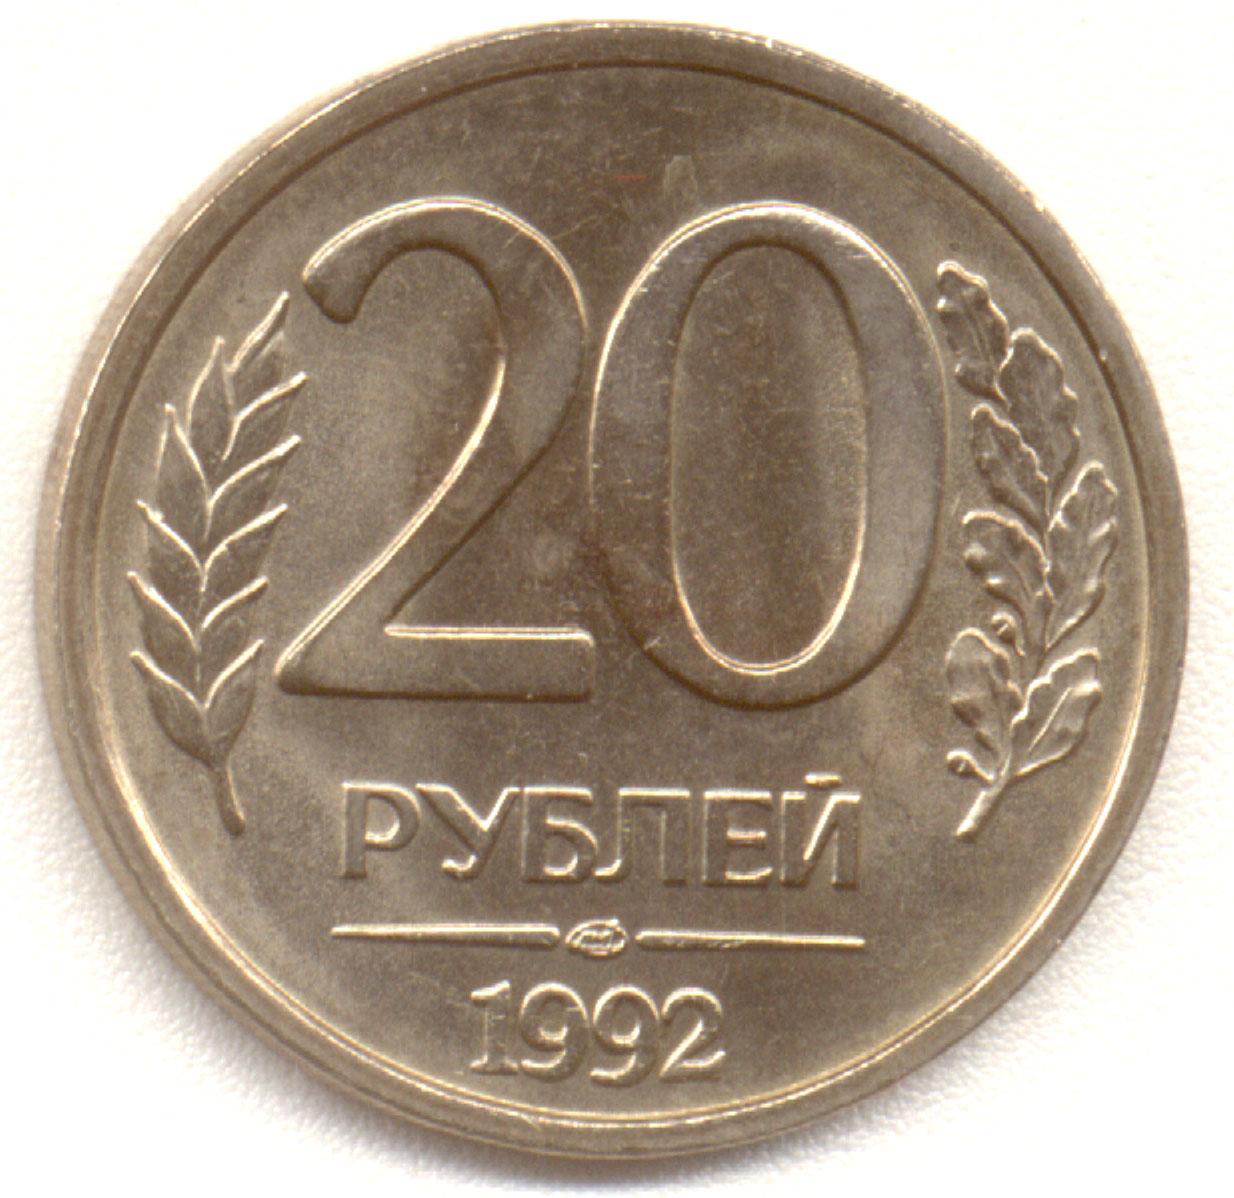 Сколько стоит 20 руб 1992 года цена мелкая монета германии